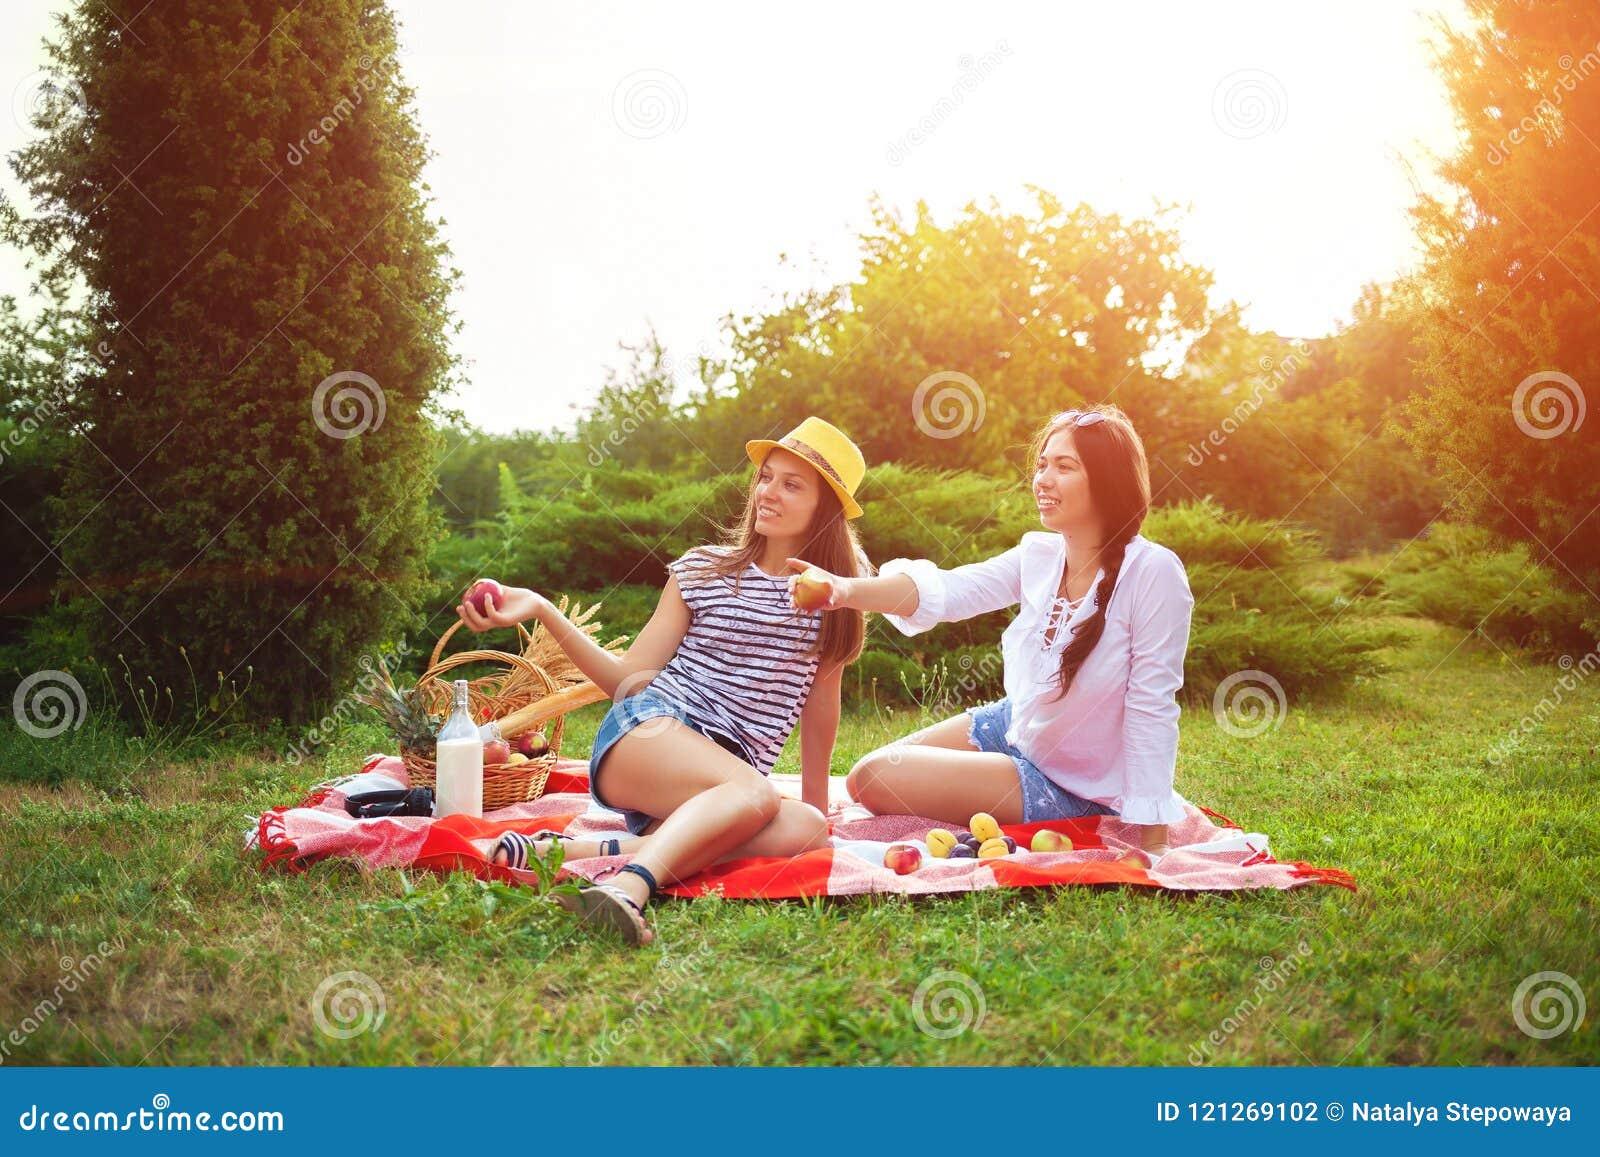 199b5113003b Dos Chicas Jóvenes Hermosas En Una Comida Campestre En El Verano En ...